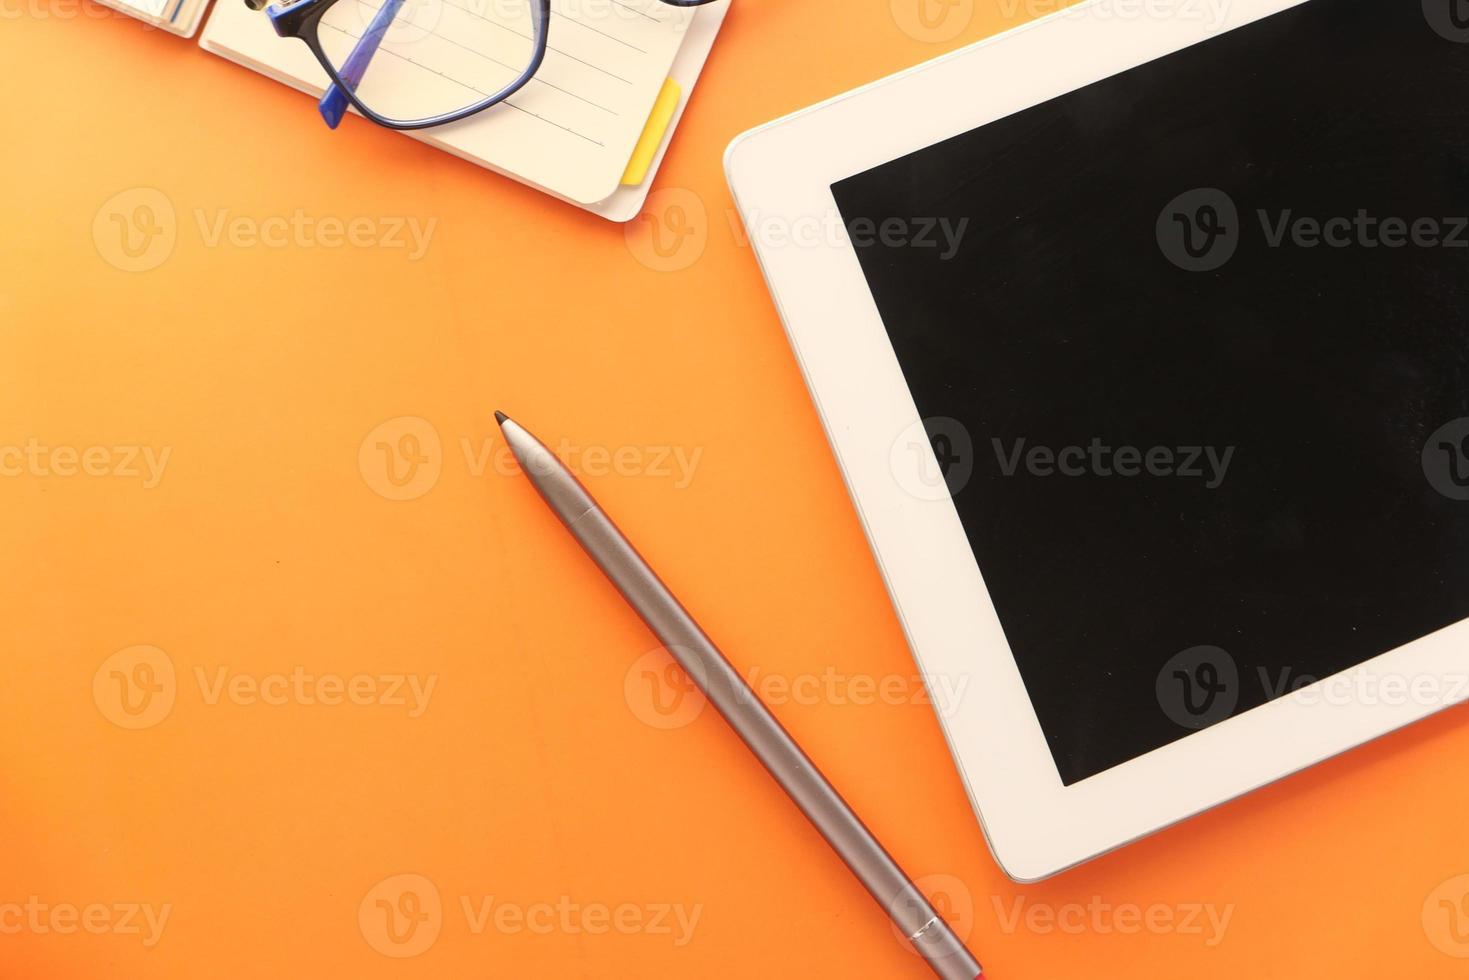 tablette numérique et stylet sur fond orange photo